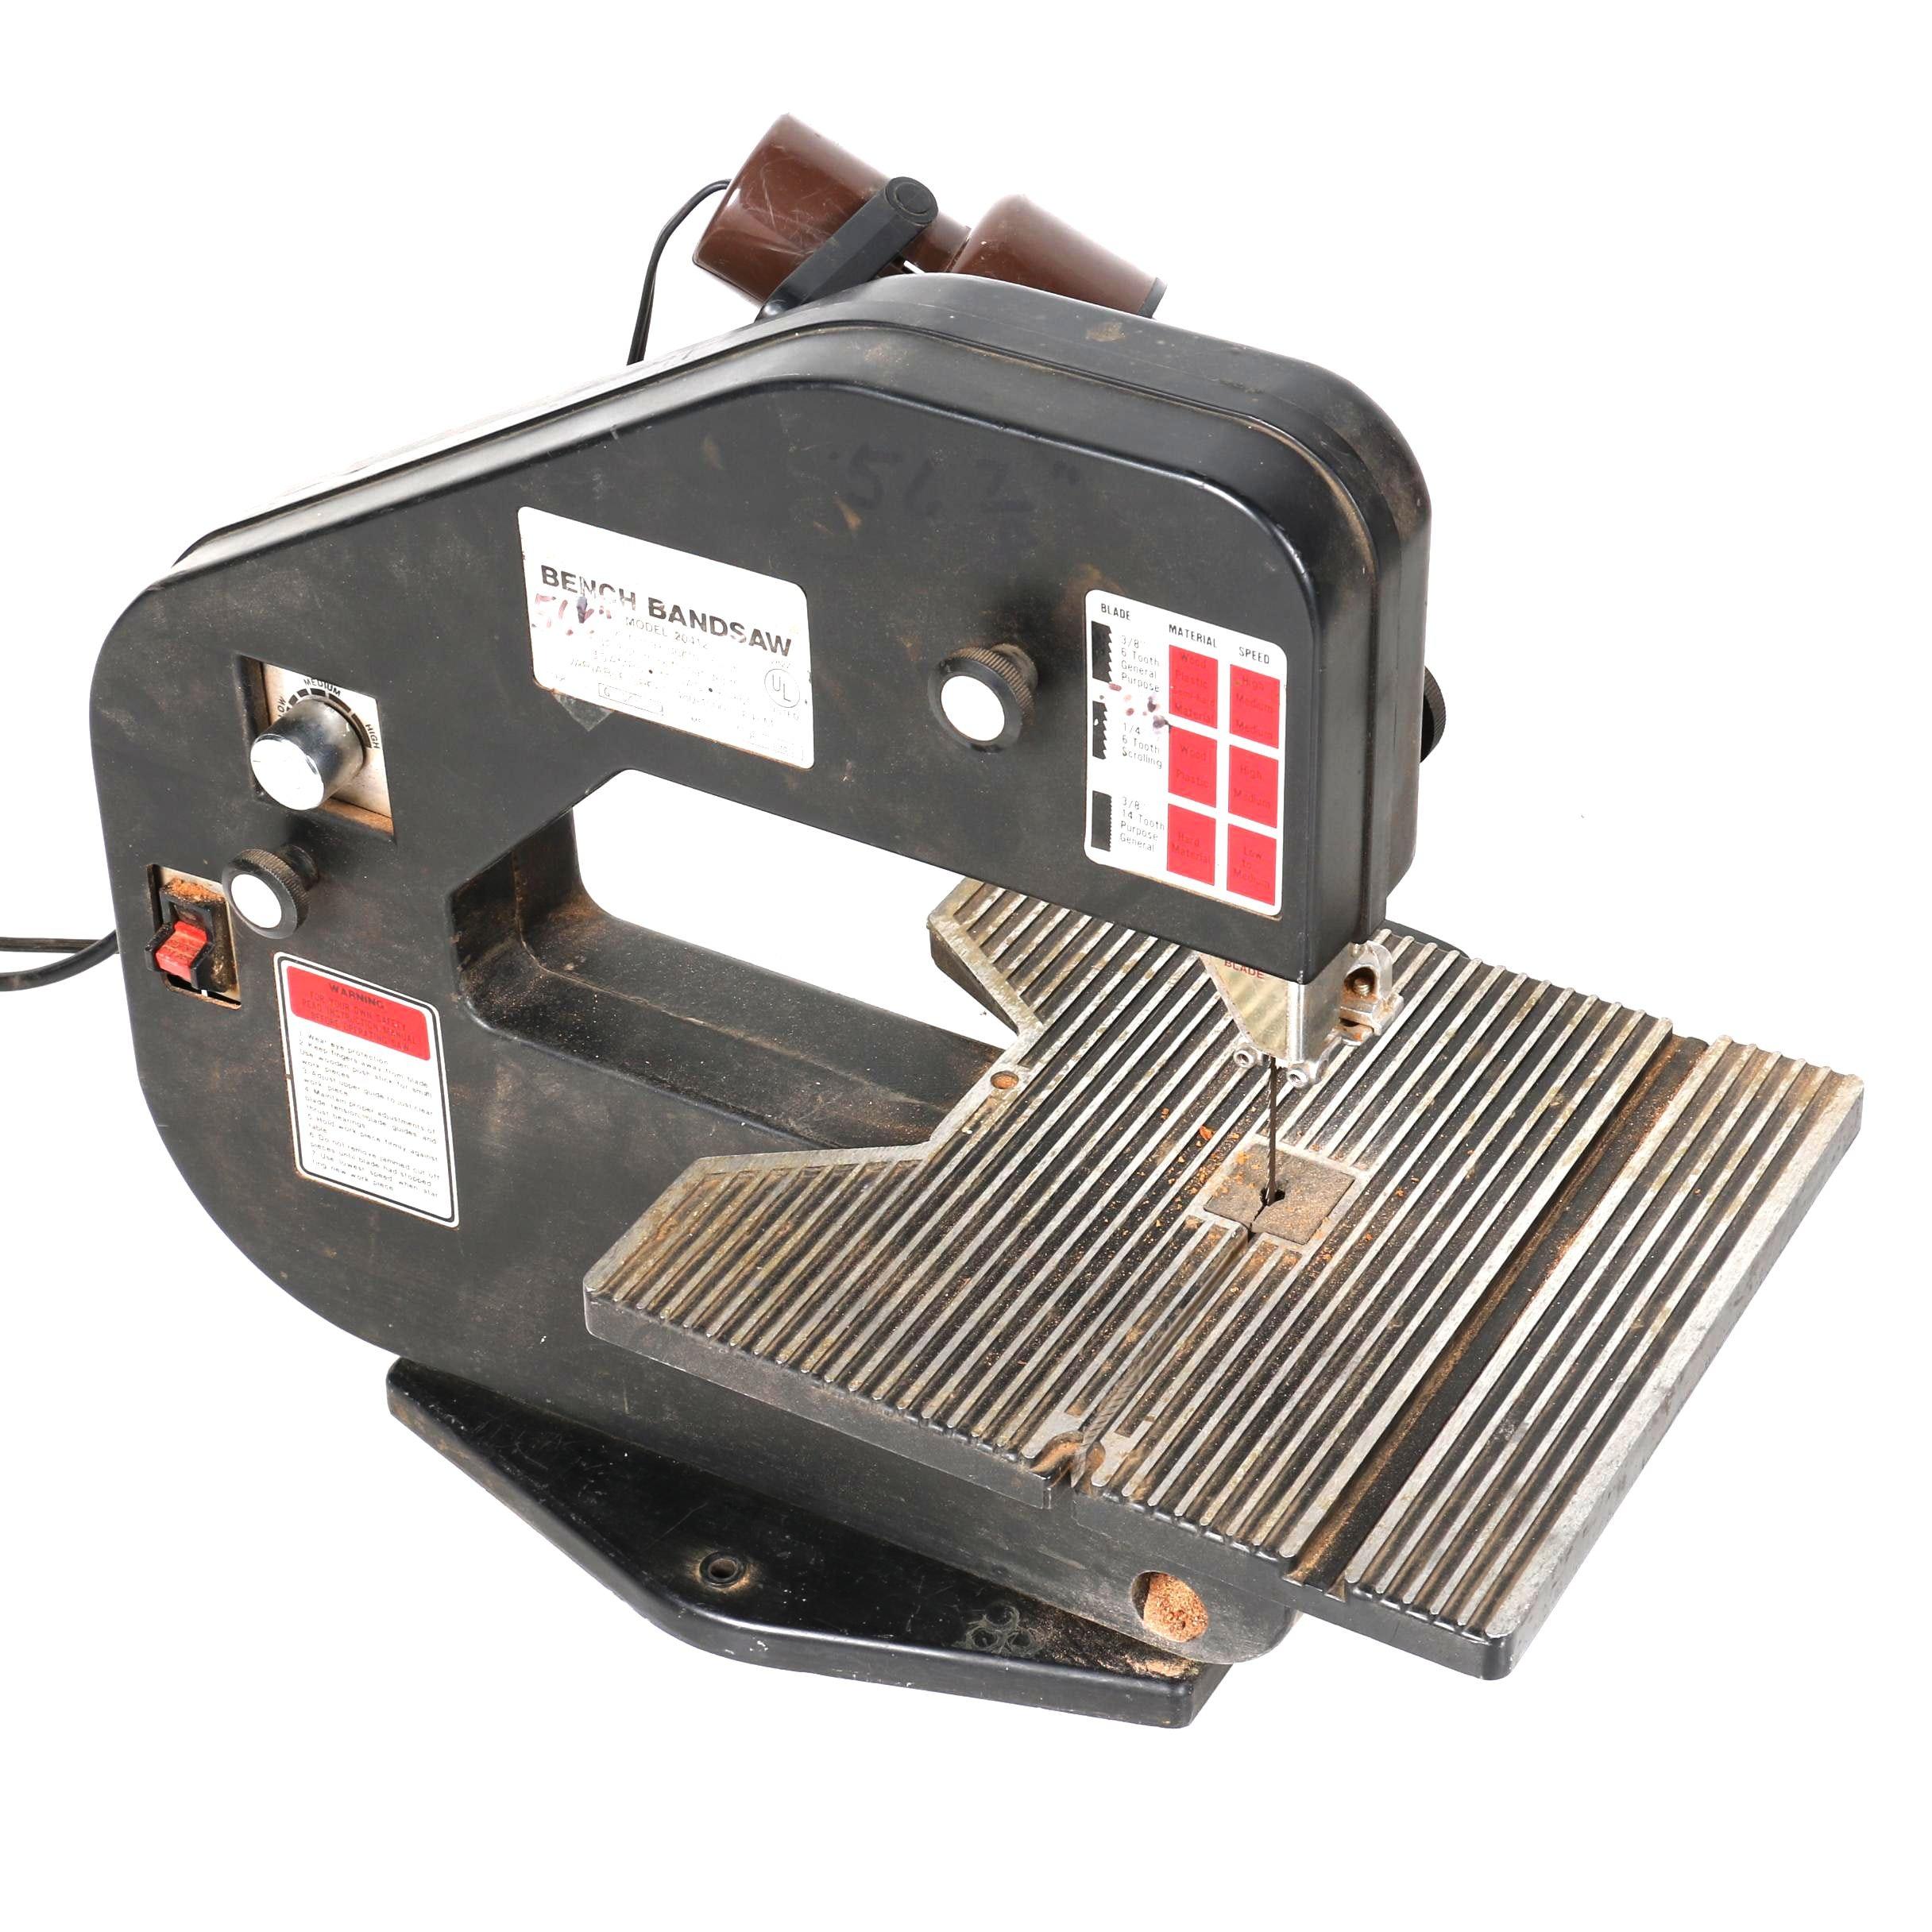 Duracraft Bench Bandsaw